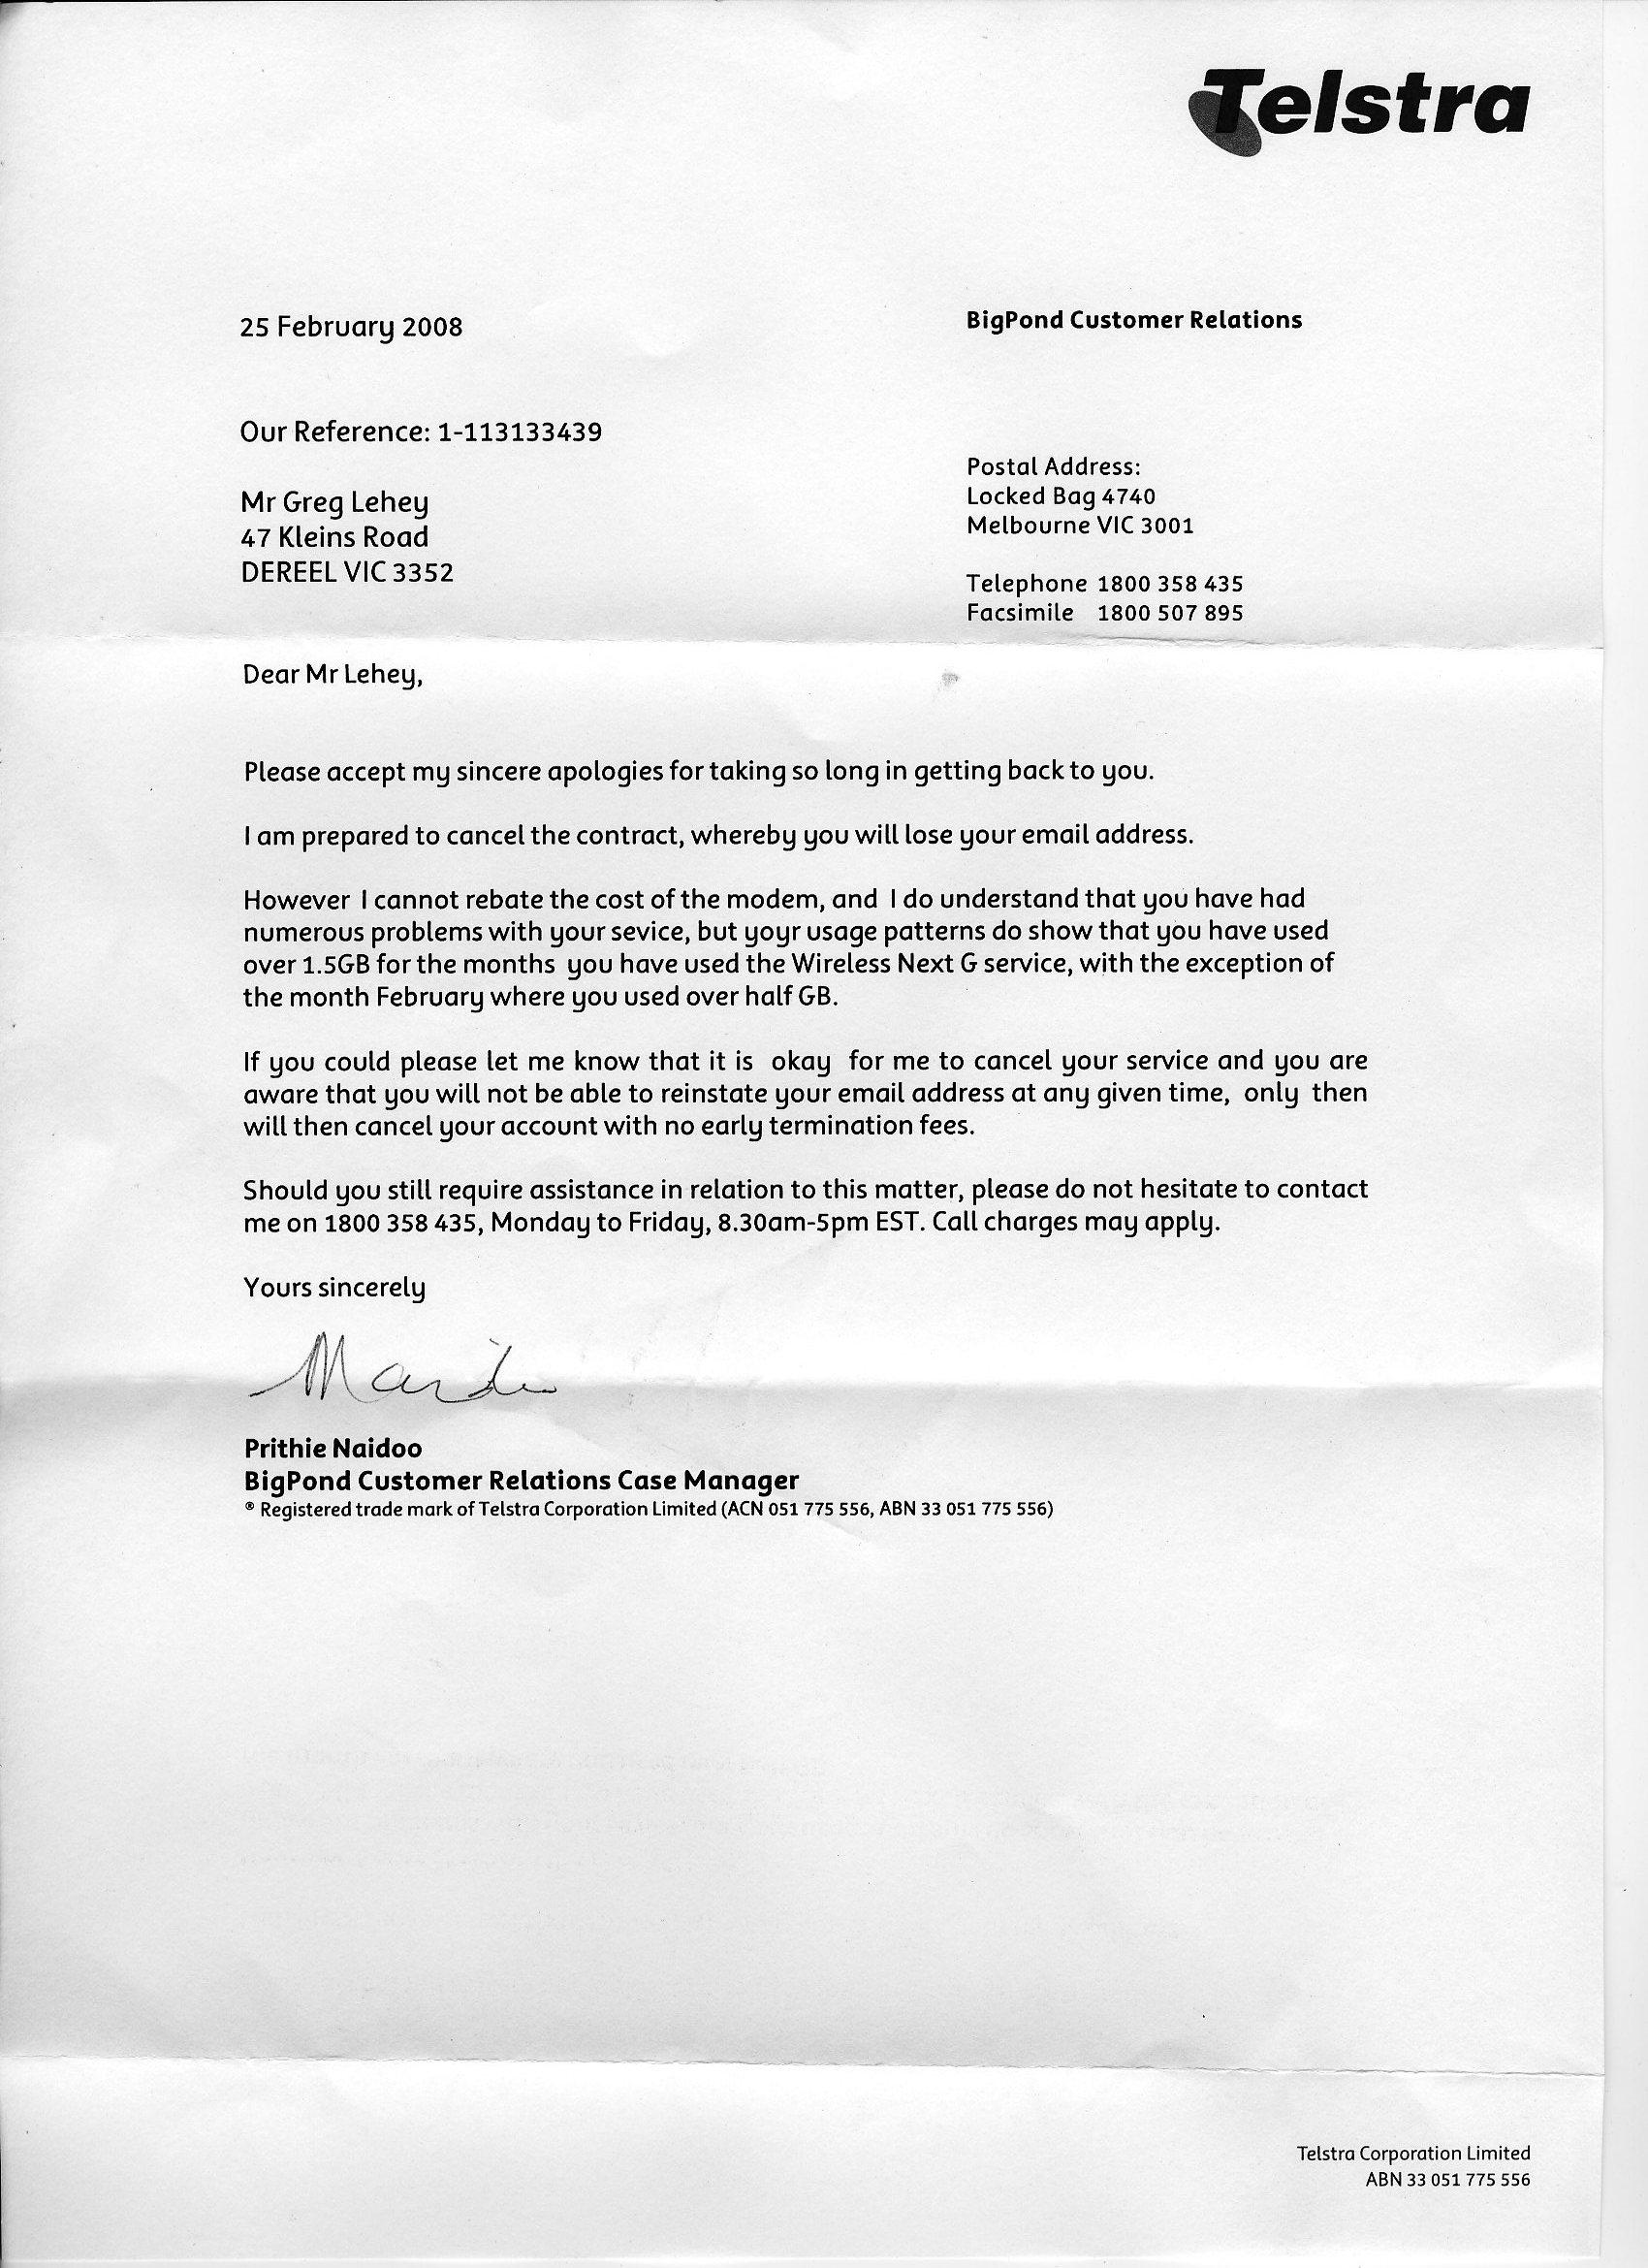 Telstra-letter.jpeg